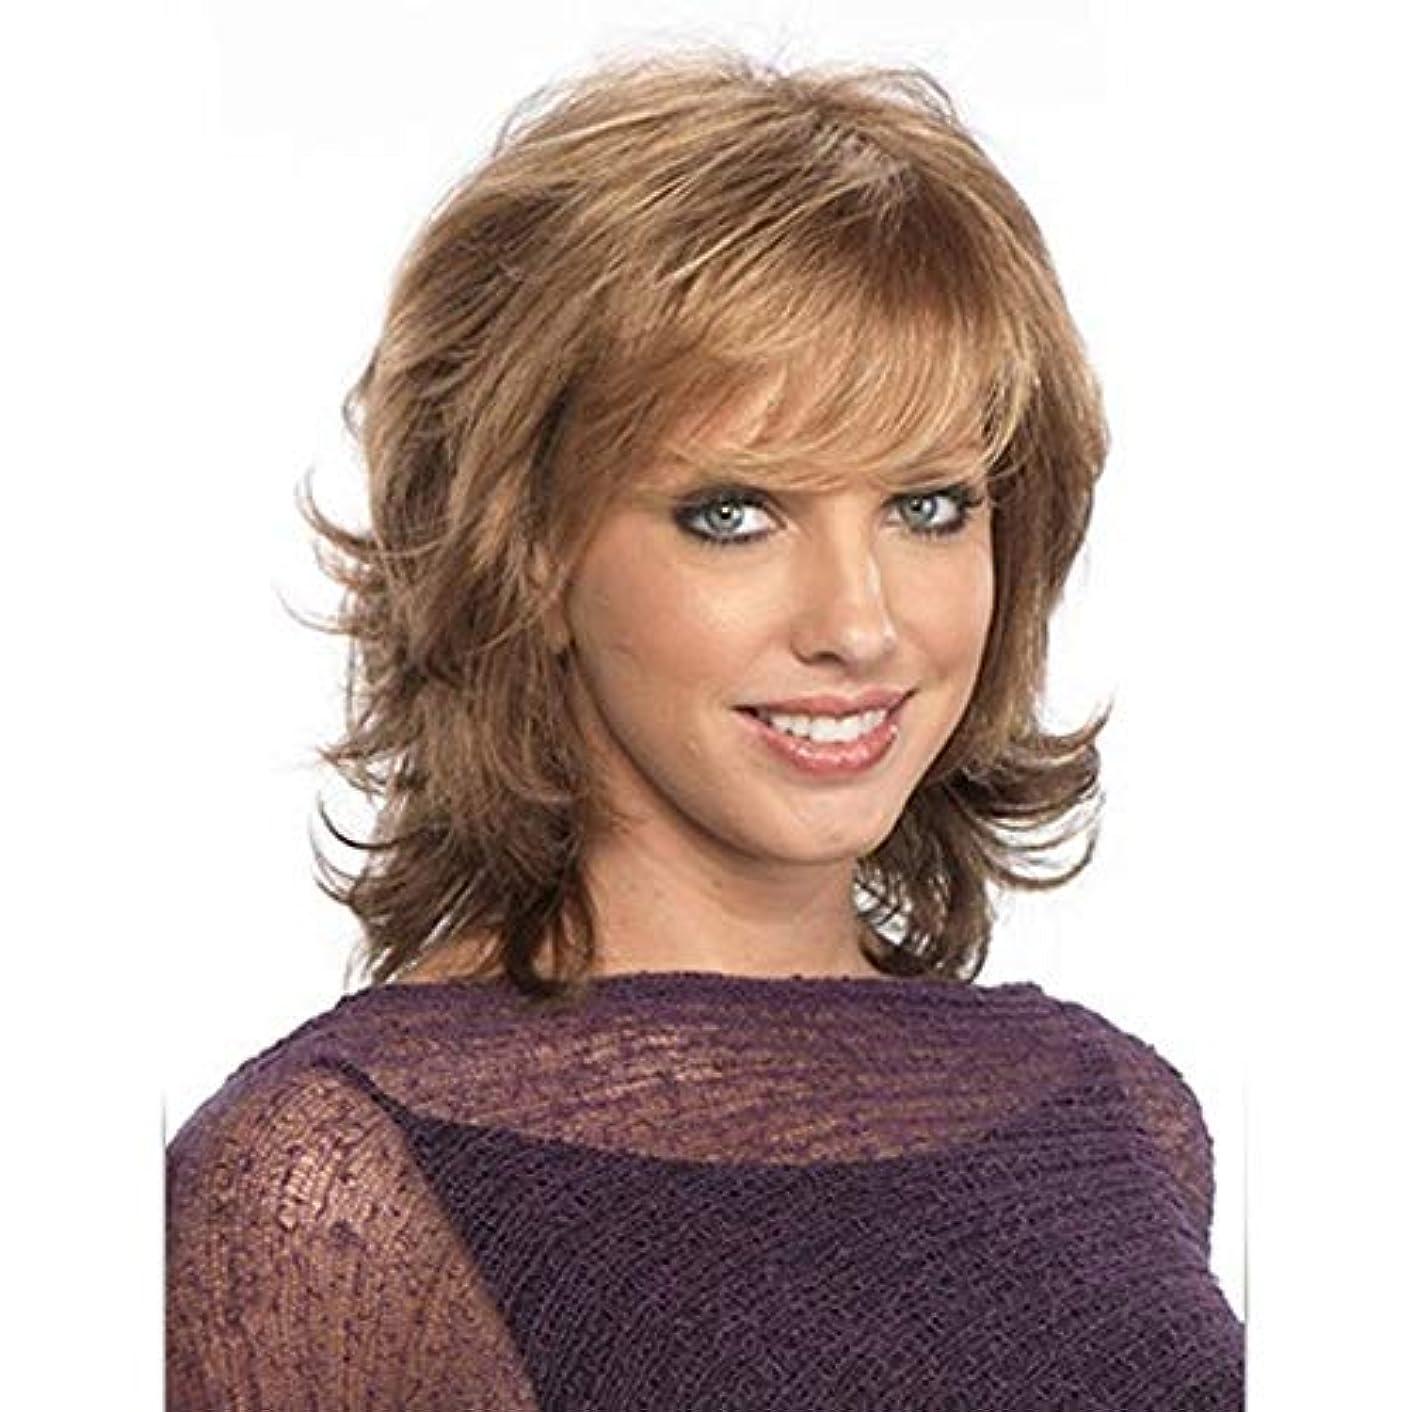 手伝う余計なペッカディロWASAIO 女性のブロンドのショートカーリー波状かつら人工毛ウィッグ (色 : Blonde)